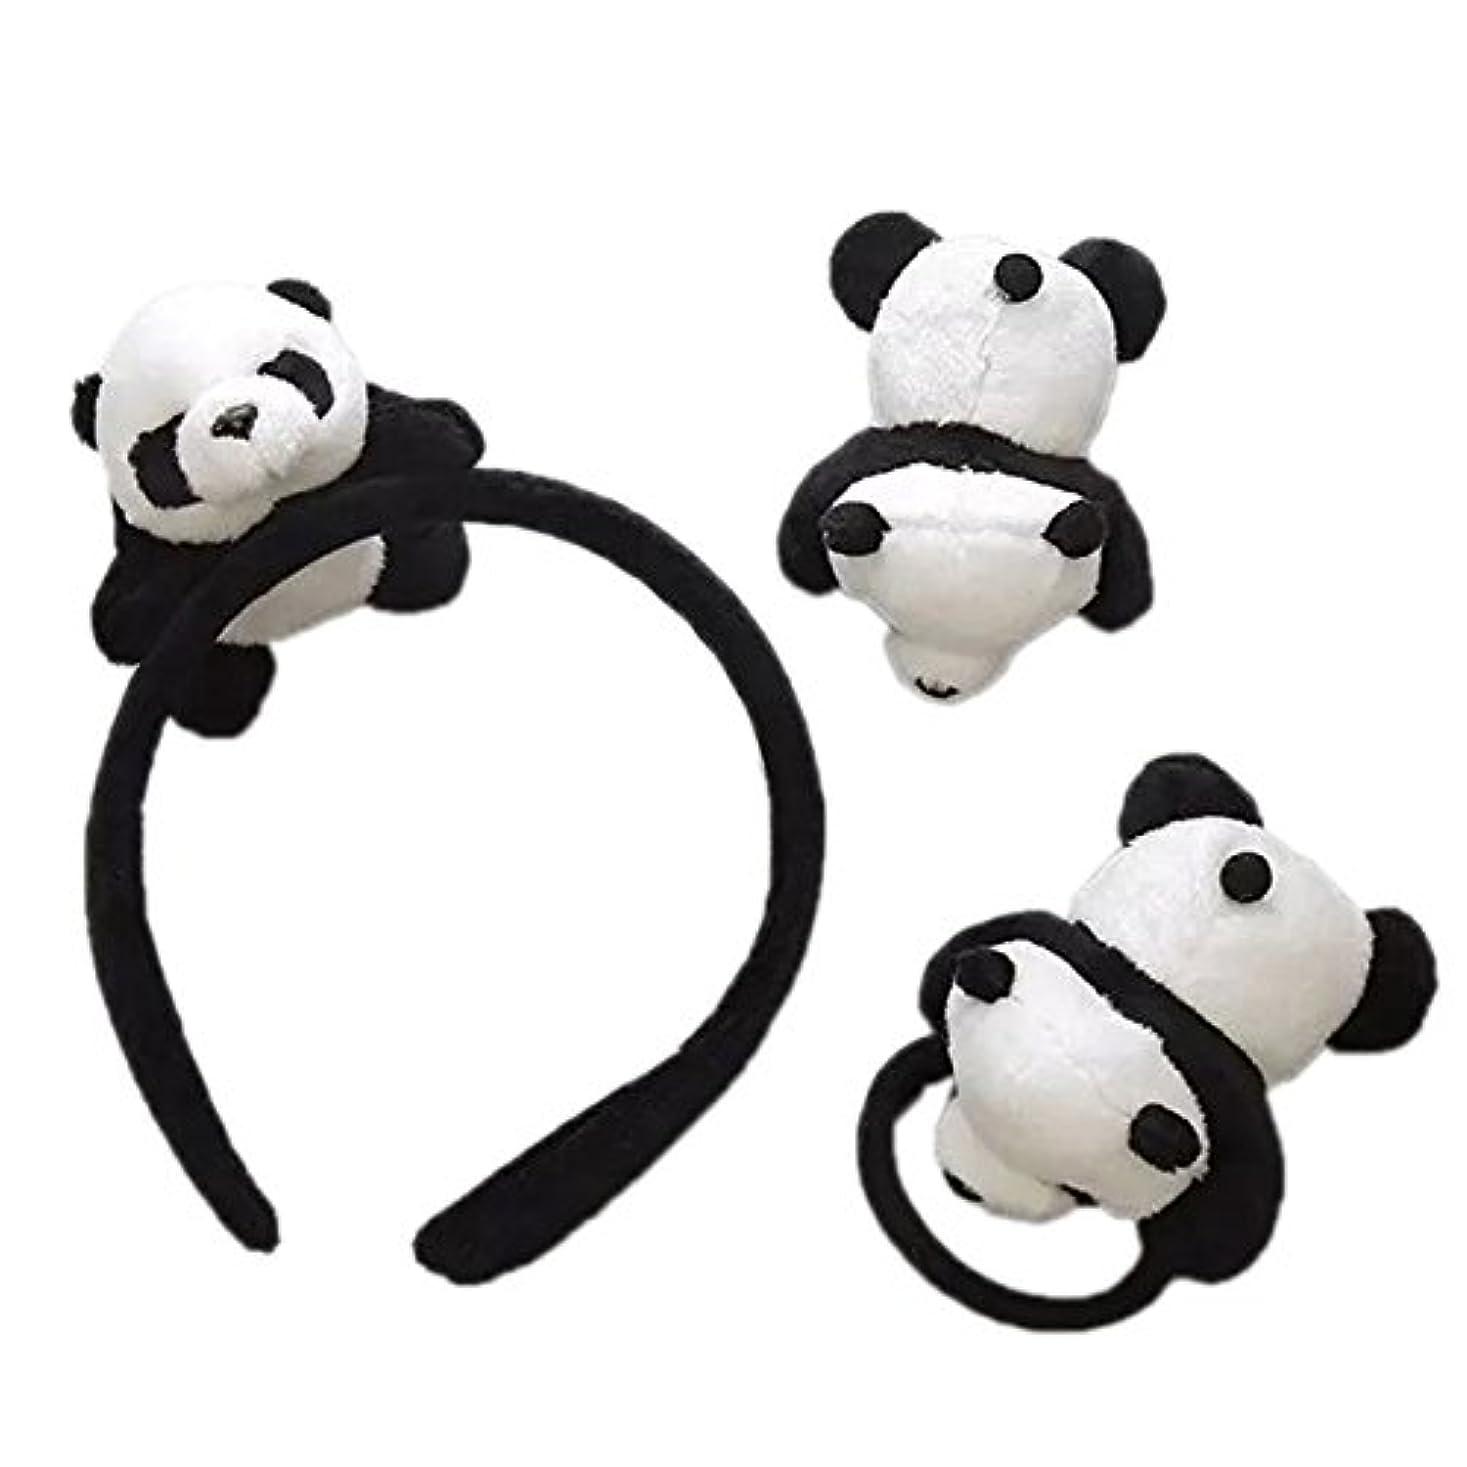 中級フォーマルベテランskyflyings 髪飾り ヘアピン ヘアアクセサリー 可愛いパンダ 3個セット 子供用 大人用